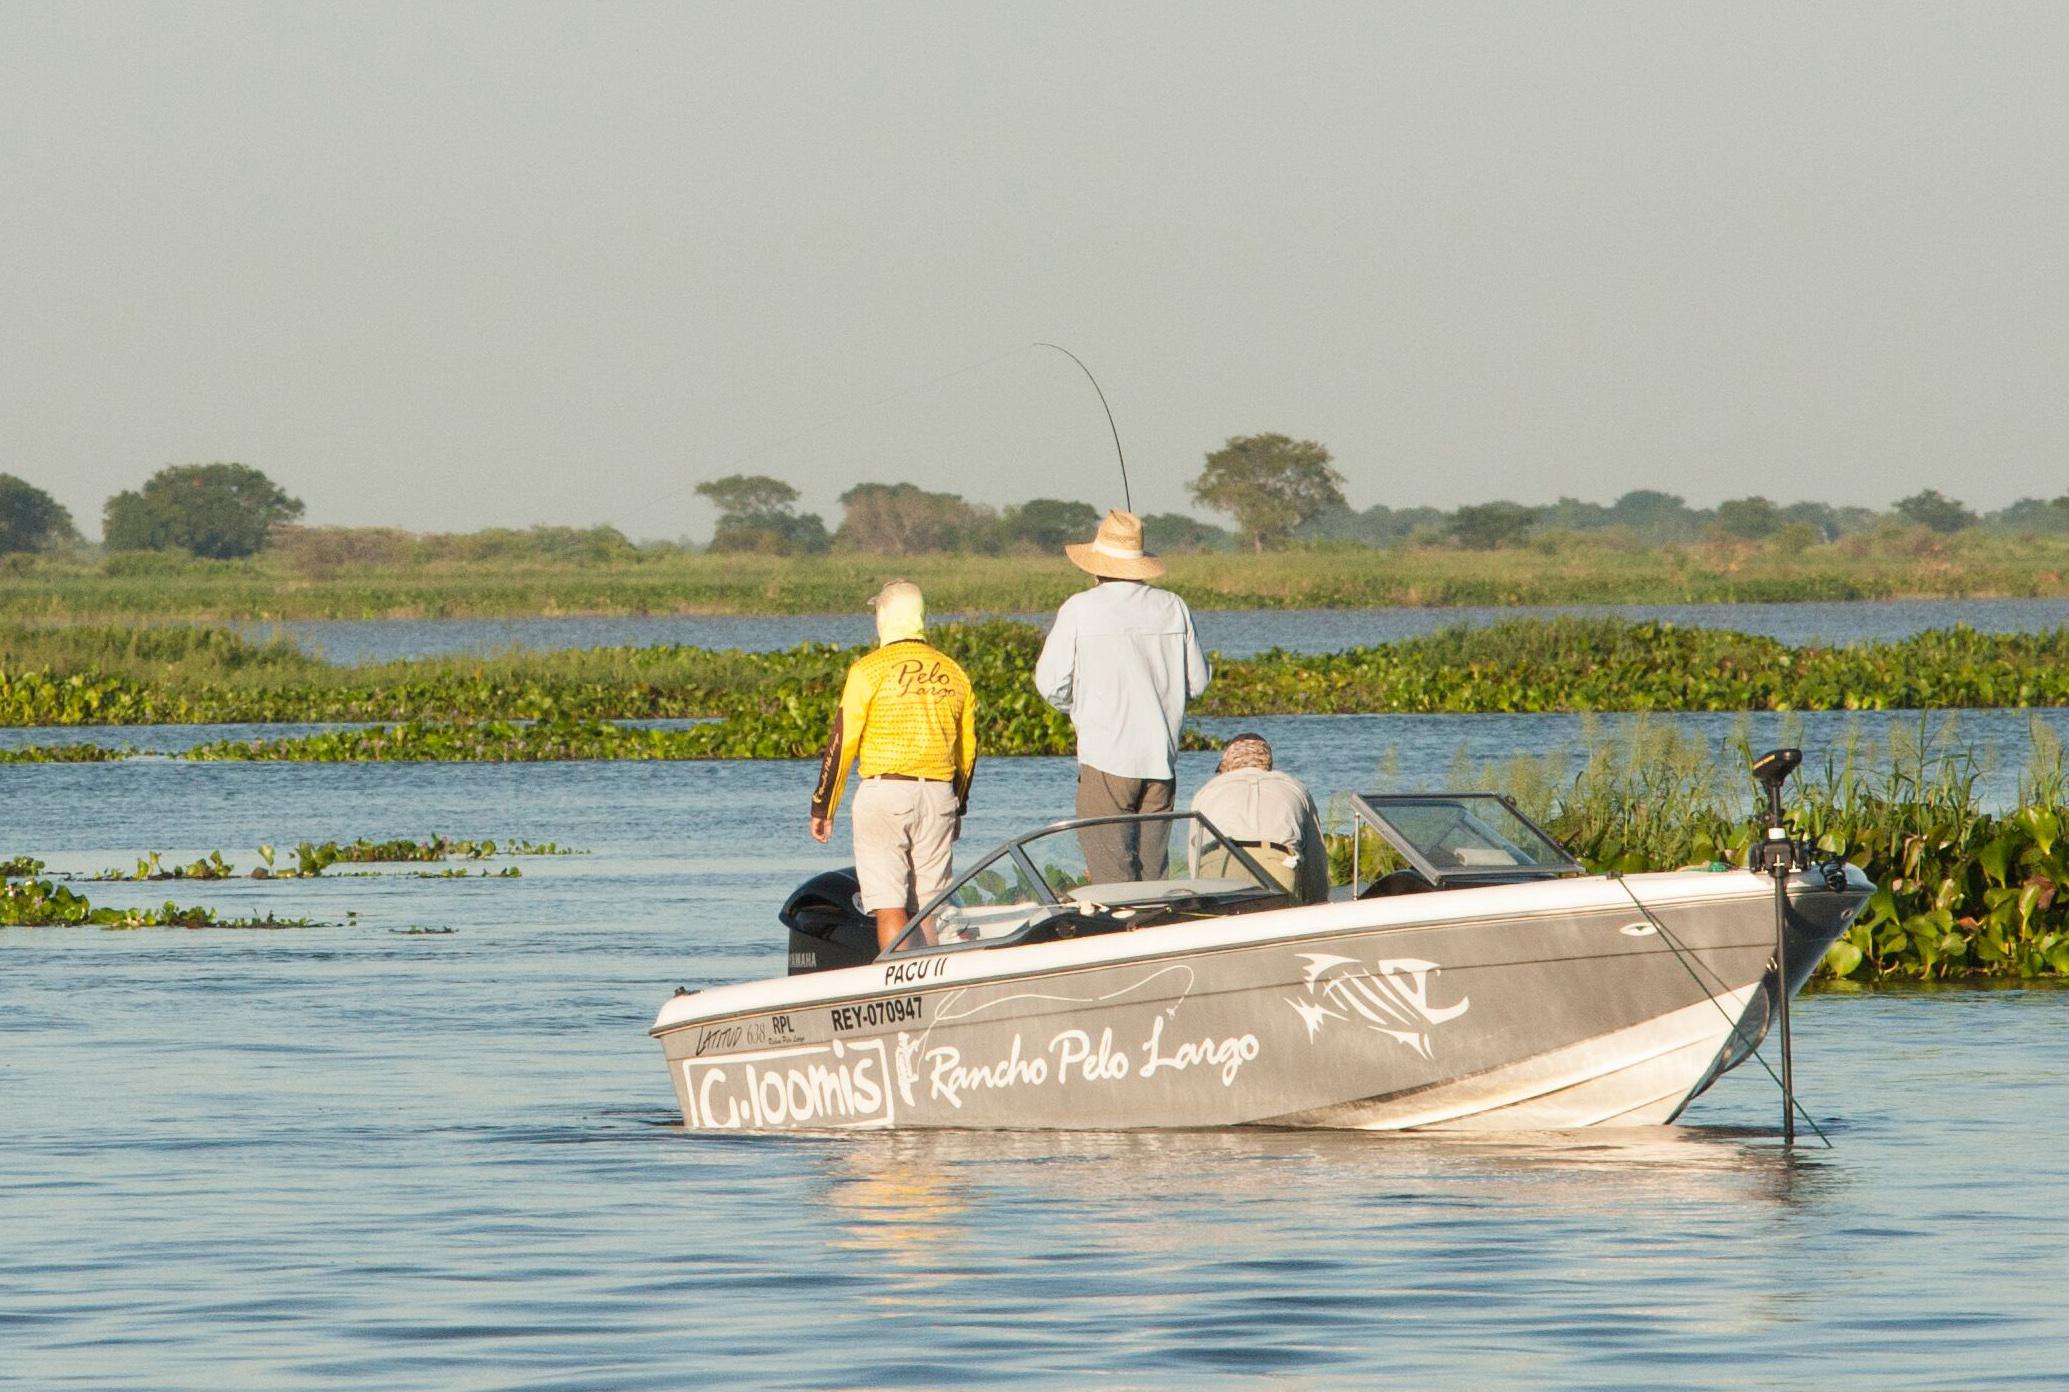 Dorado Boat Argentina Fly Fishing